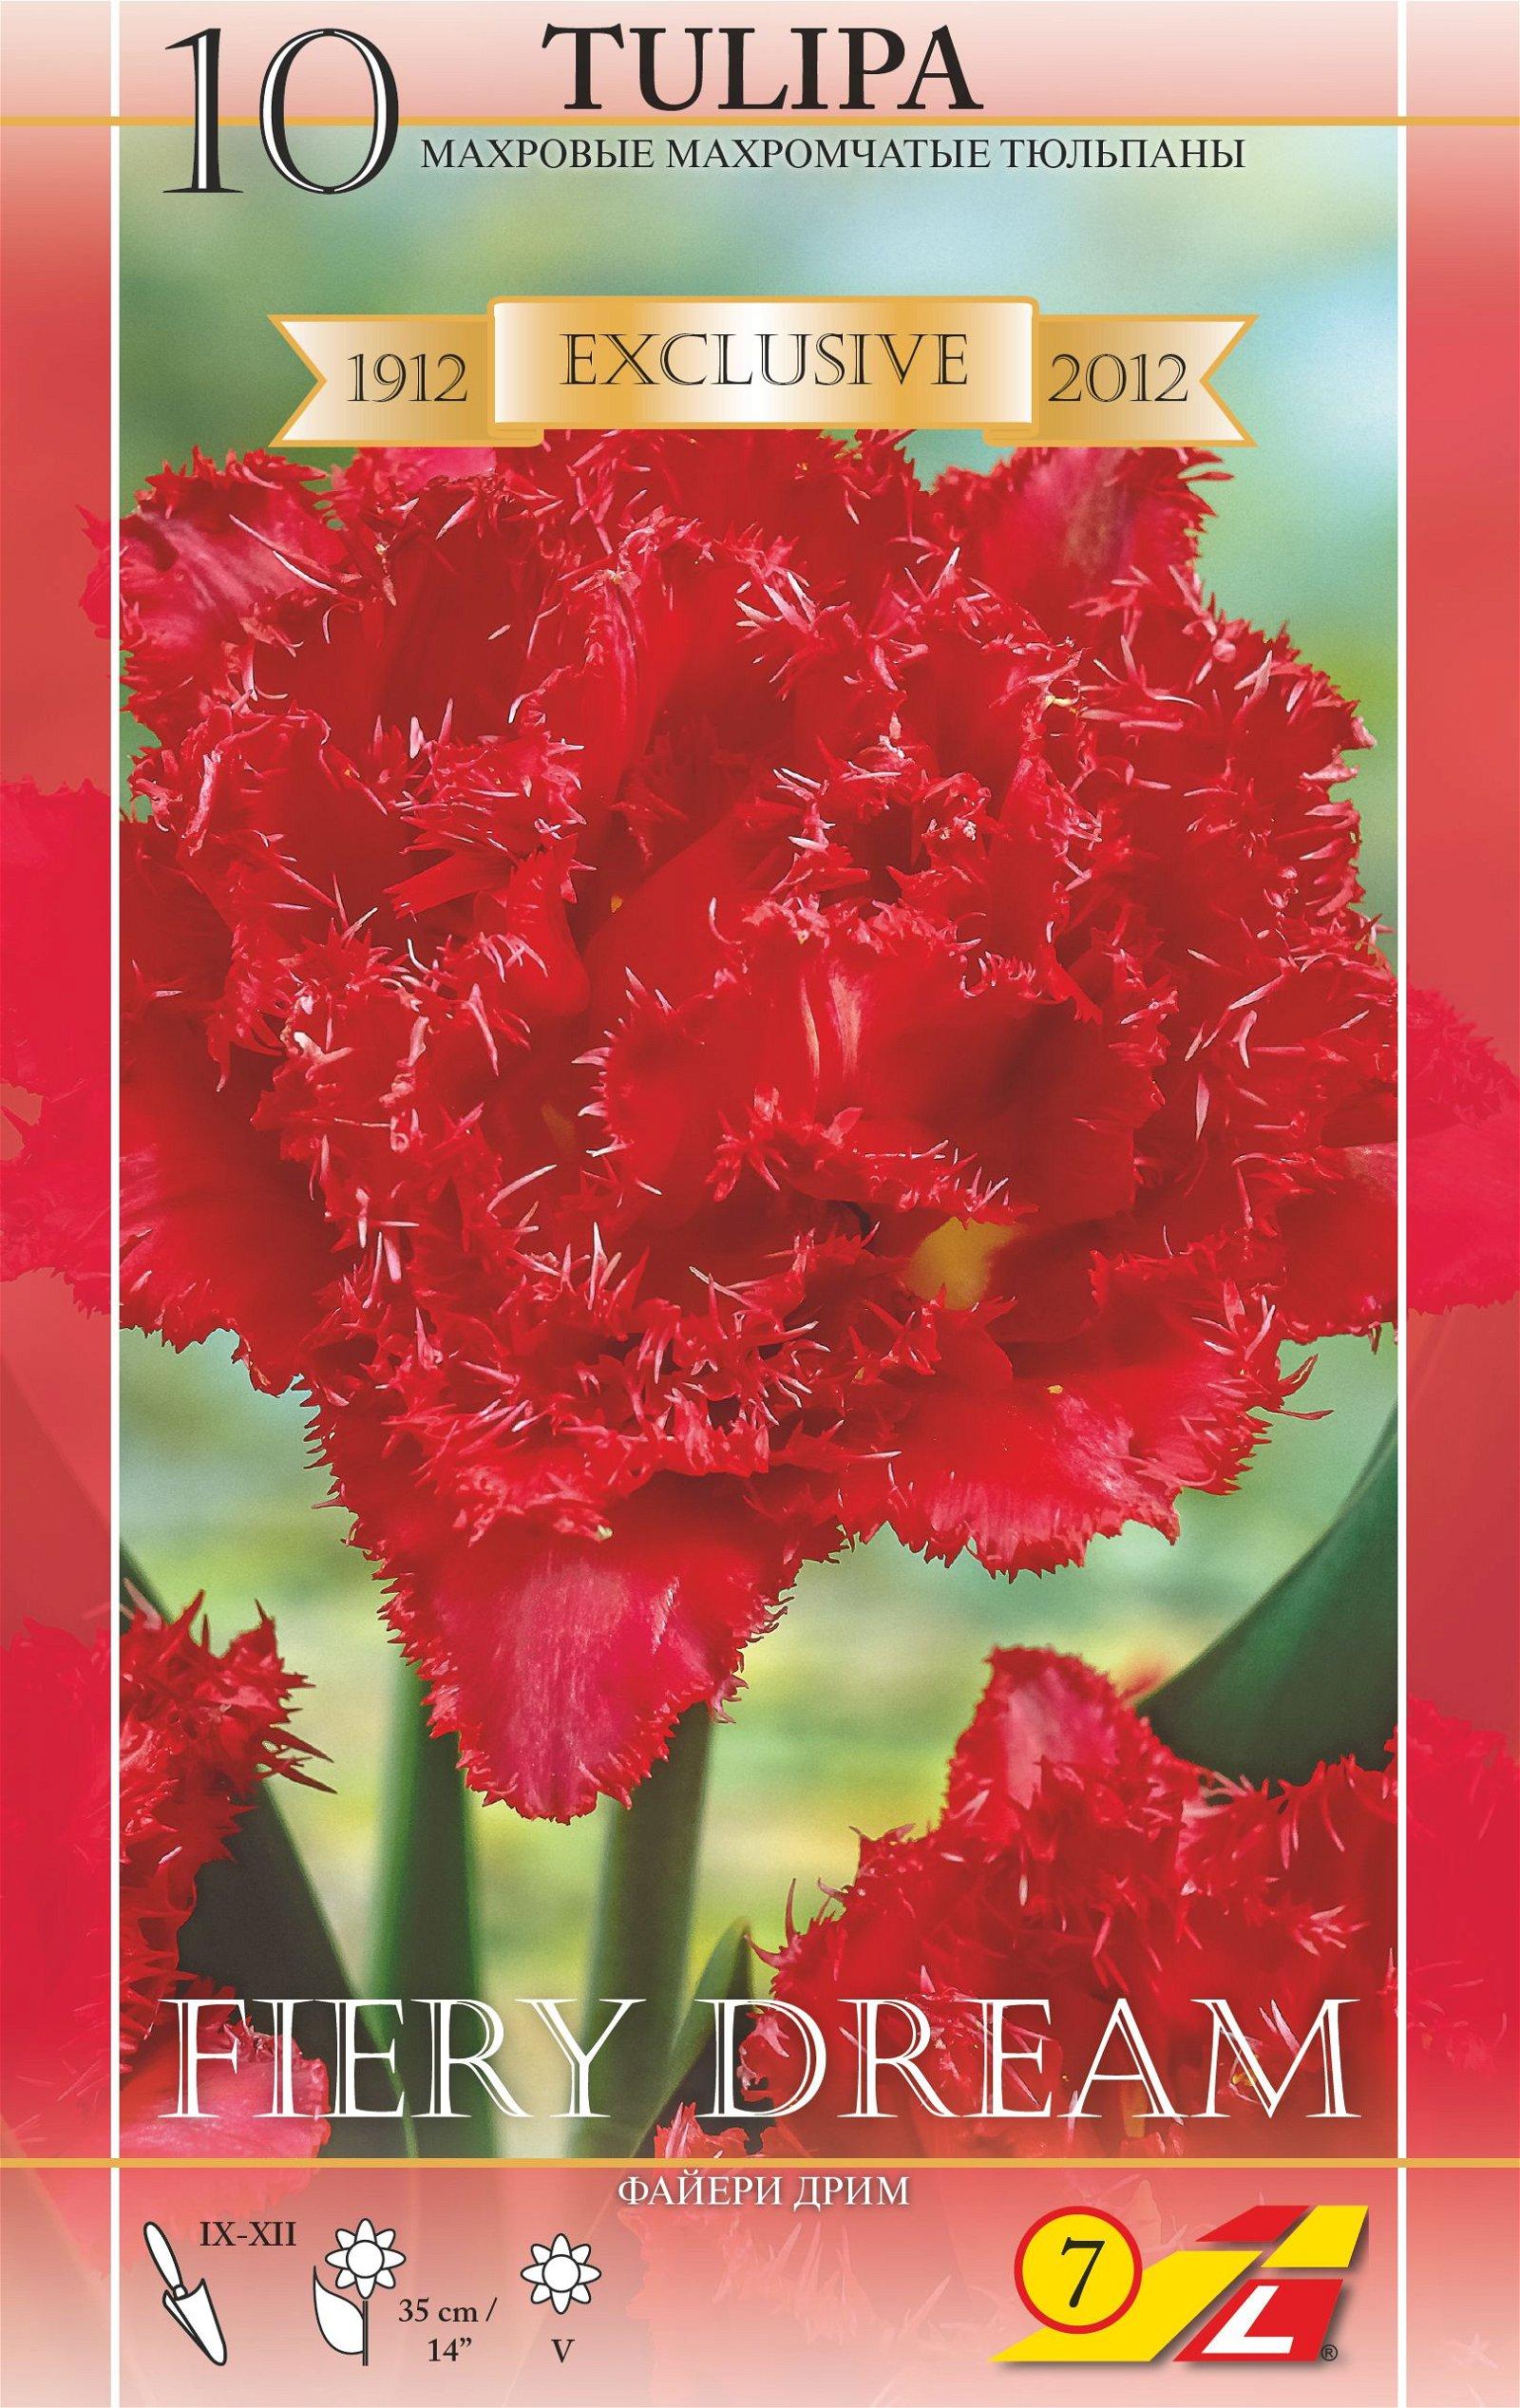 Tulipa 'Fiery Dream'